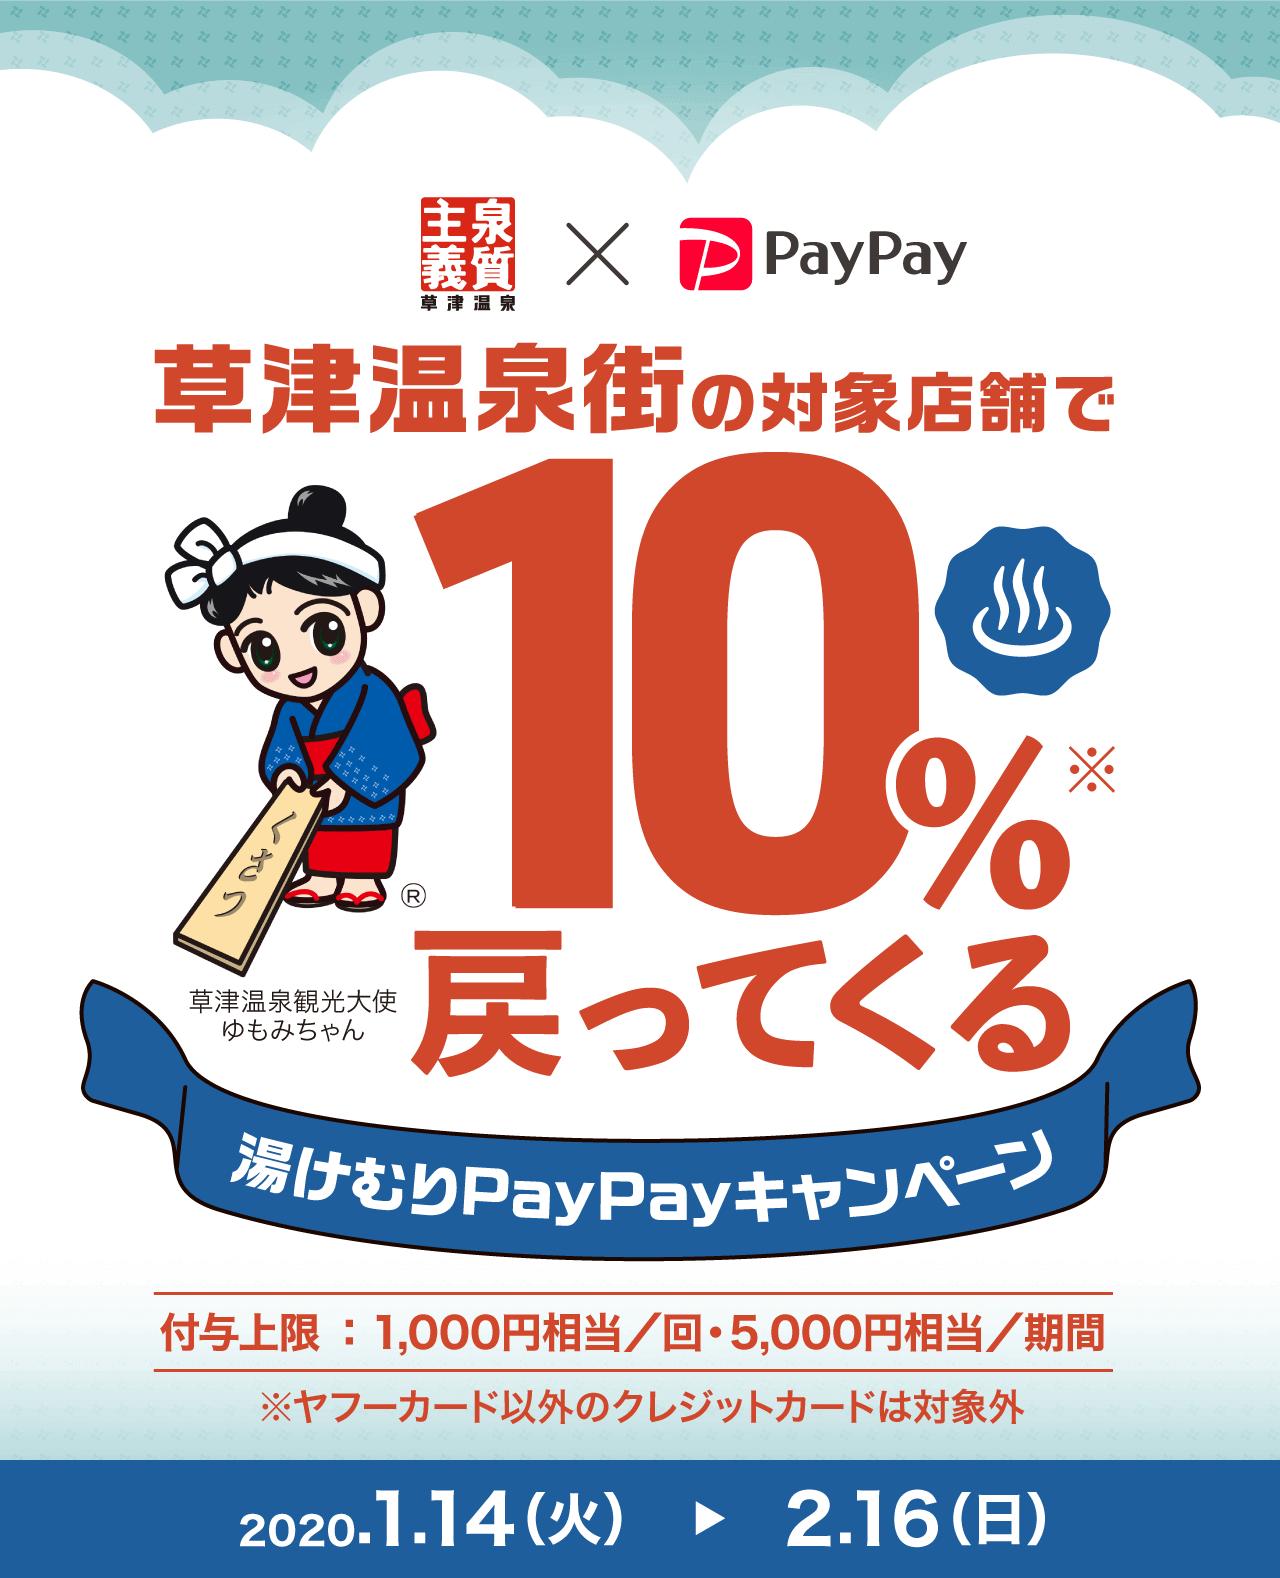 草津温泉街の対象店舗で10%戻ってくる!湯けむりPayPayキャンペーン